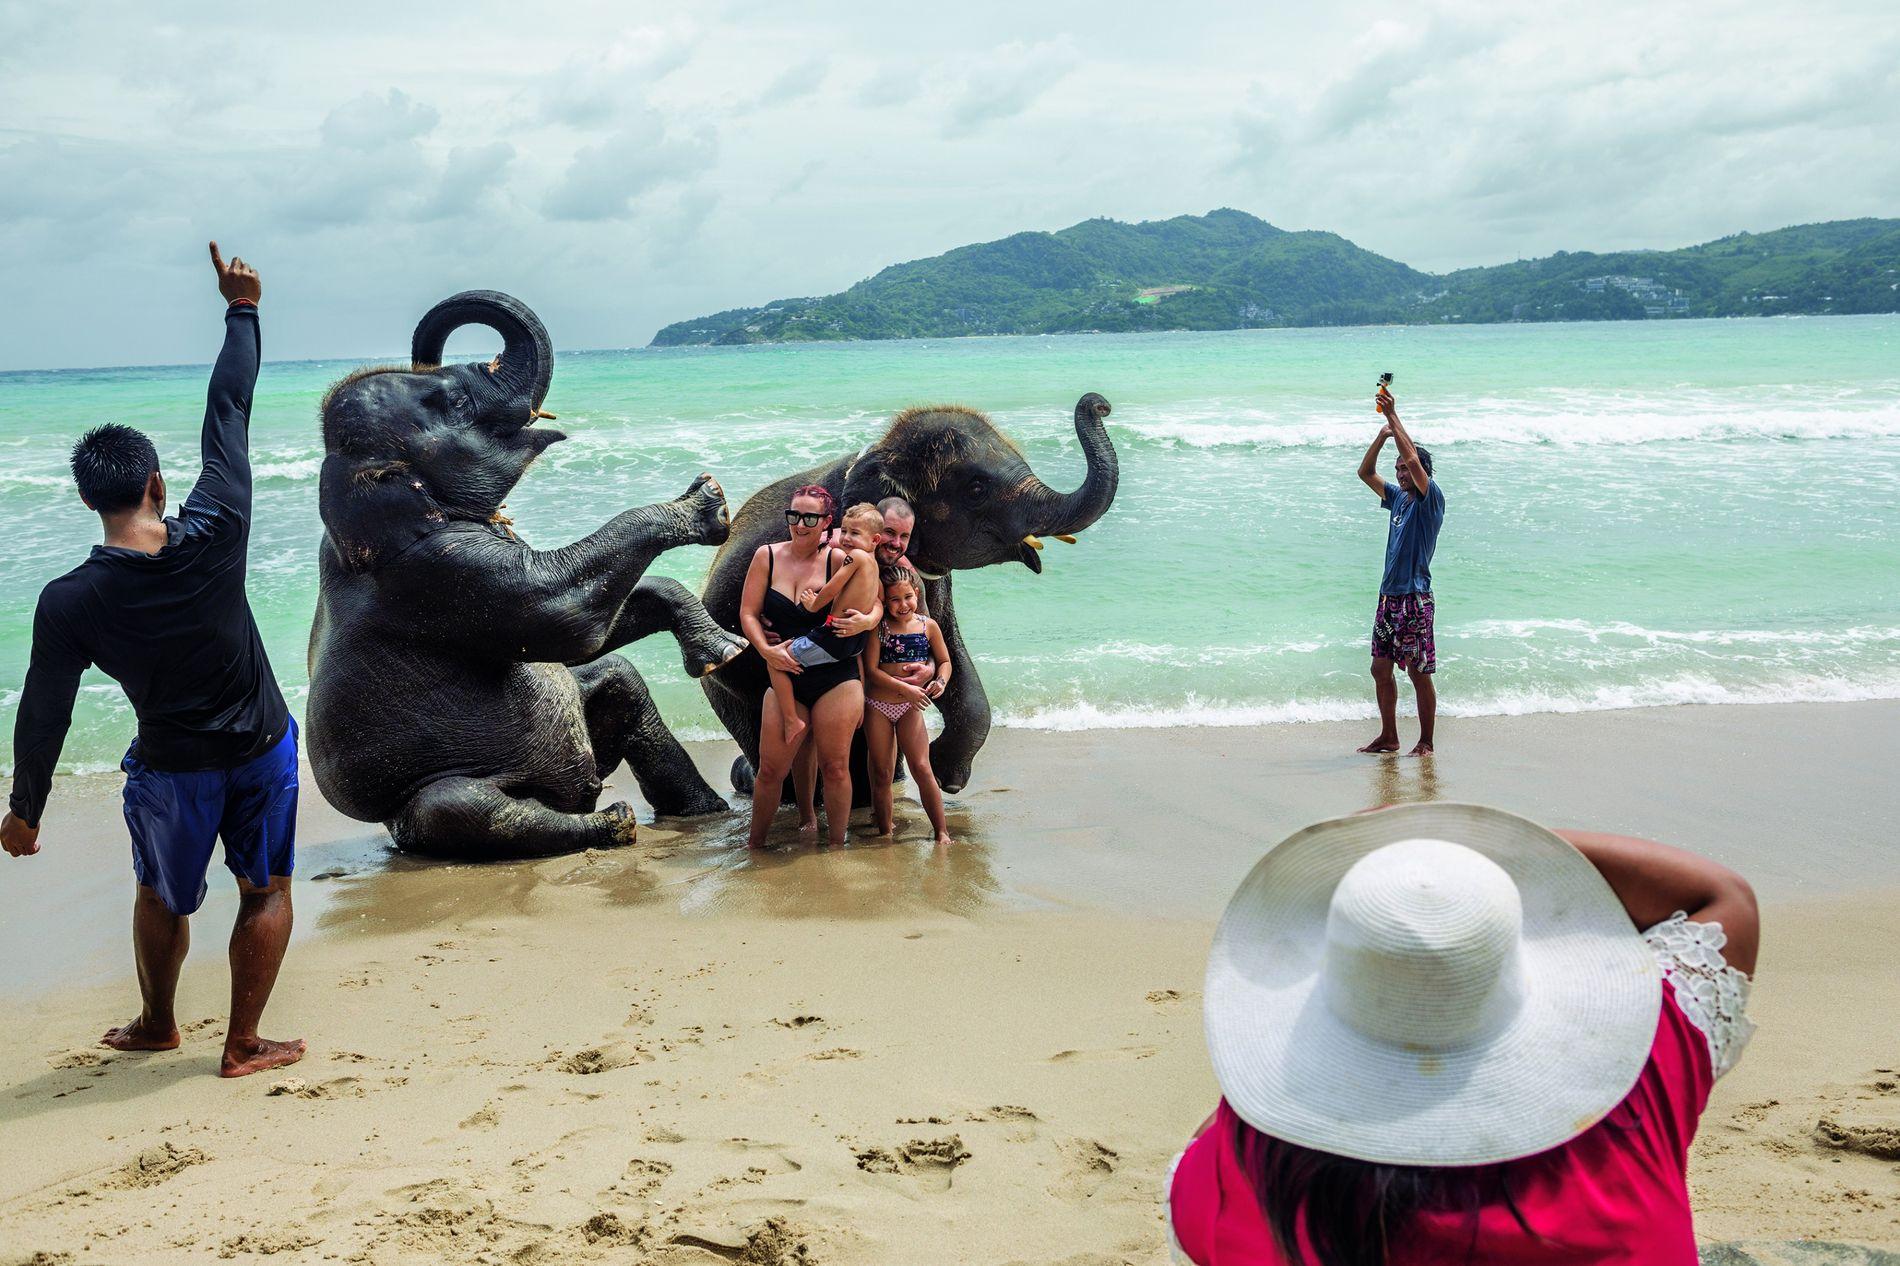 Am Lucky Beach auf der thailändischen Insel Phuket posiert eine Familie mit jungen Elefanten. Viele Touristen wissen nicht, wie sehr das Abrichten die Elefanten quält. Für sie zählt der idyllische Moment und die ganz besondere Erinnerung. In Thailand leben etwa 3800 Elefanten in Gefangenschaft. Über die Hälfte von ihnen arbeitet im Tourismus.